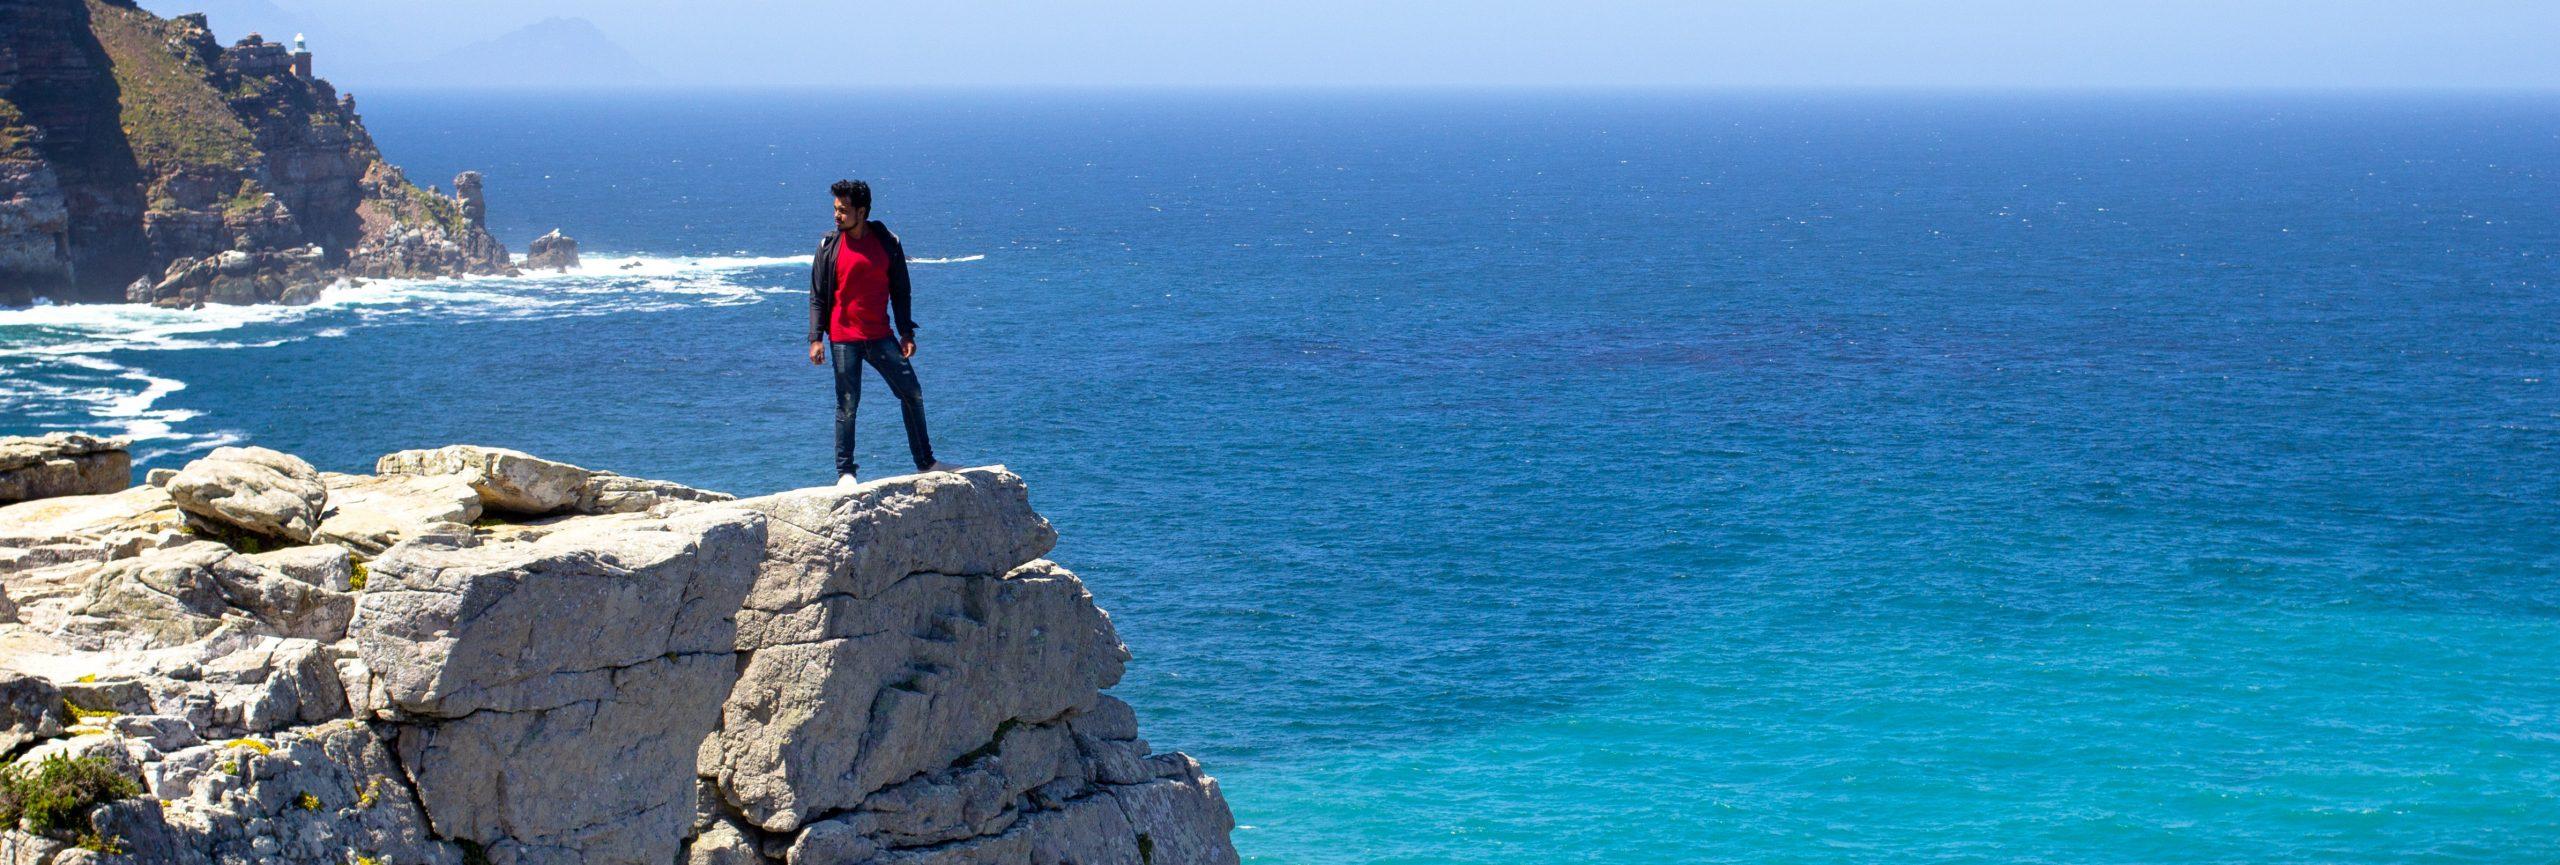 Zuid afrika, bergen en zee - De Planeet Reizen